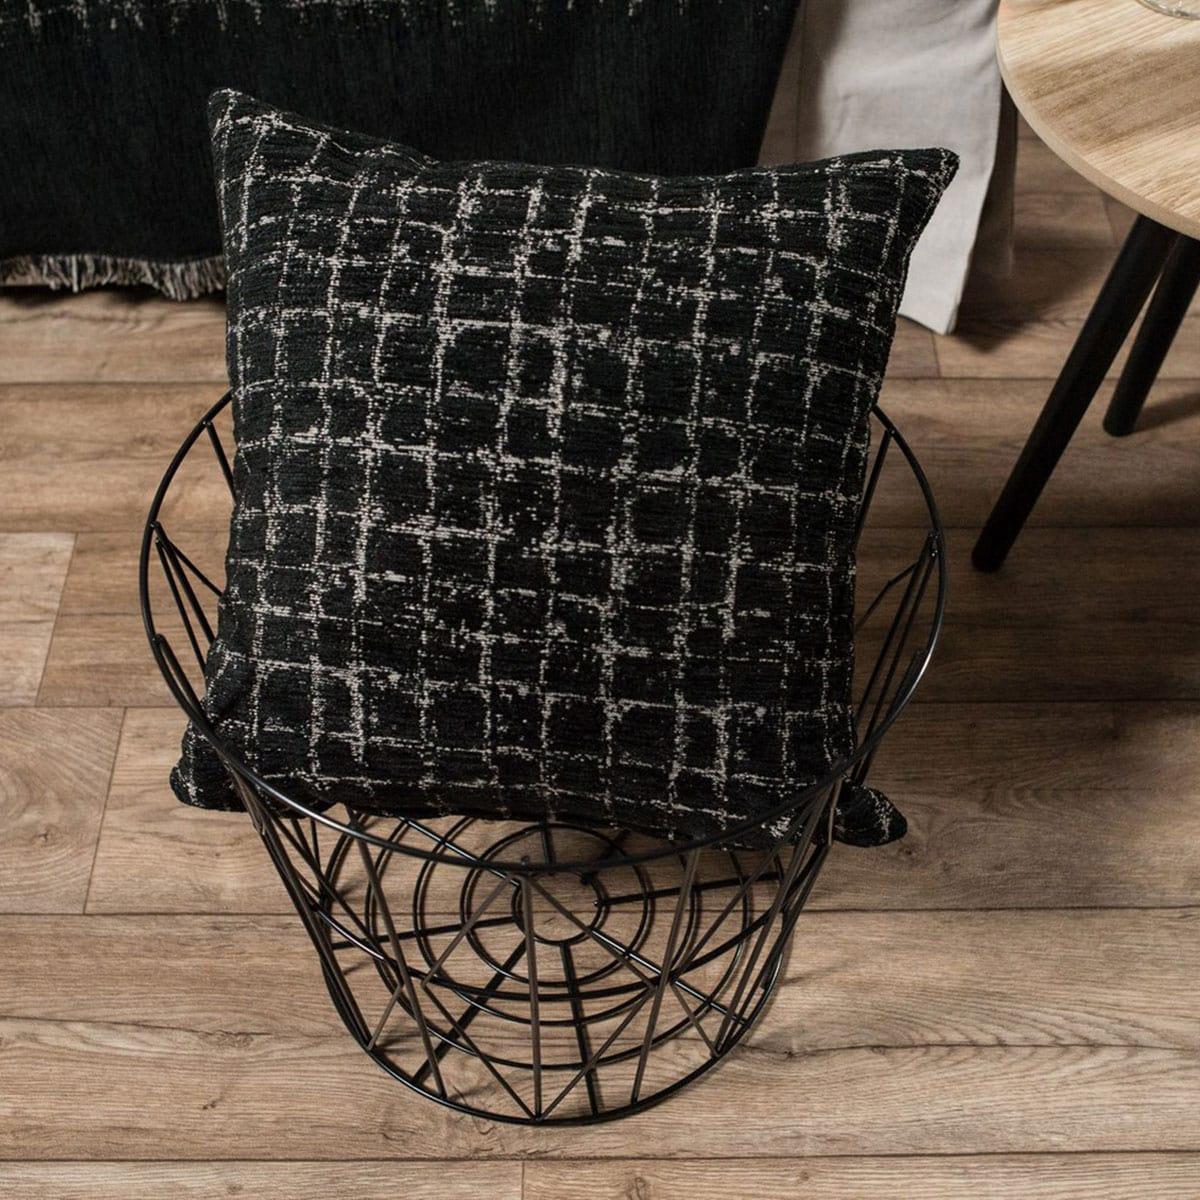 Μαξιλαροθήκη Διακοσμητική Phoenix 09 Black Teoran 45X45 Ακρυλικό-Polyester